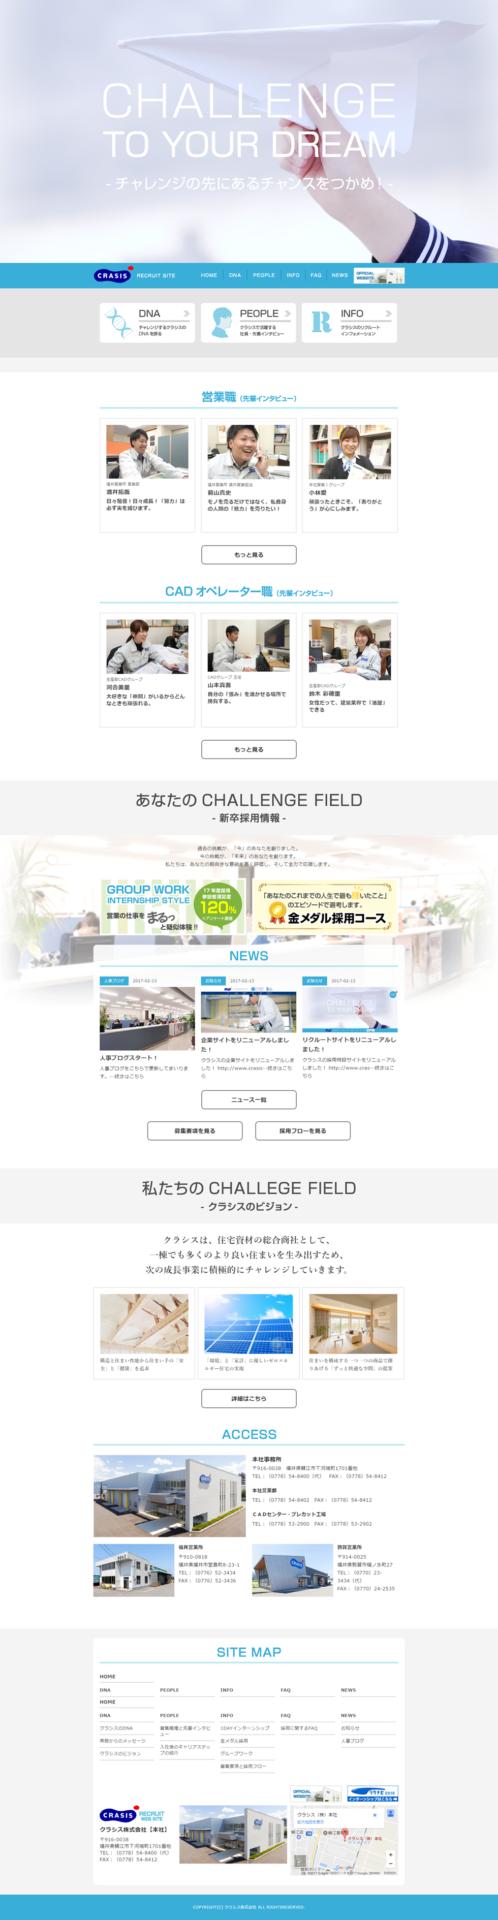 クラシス株式会社様採用特設サイト制作